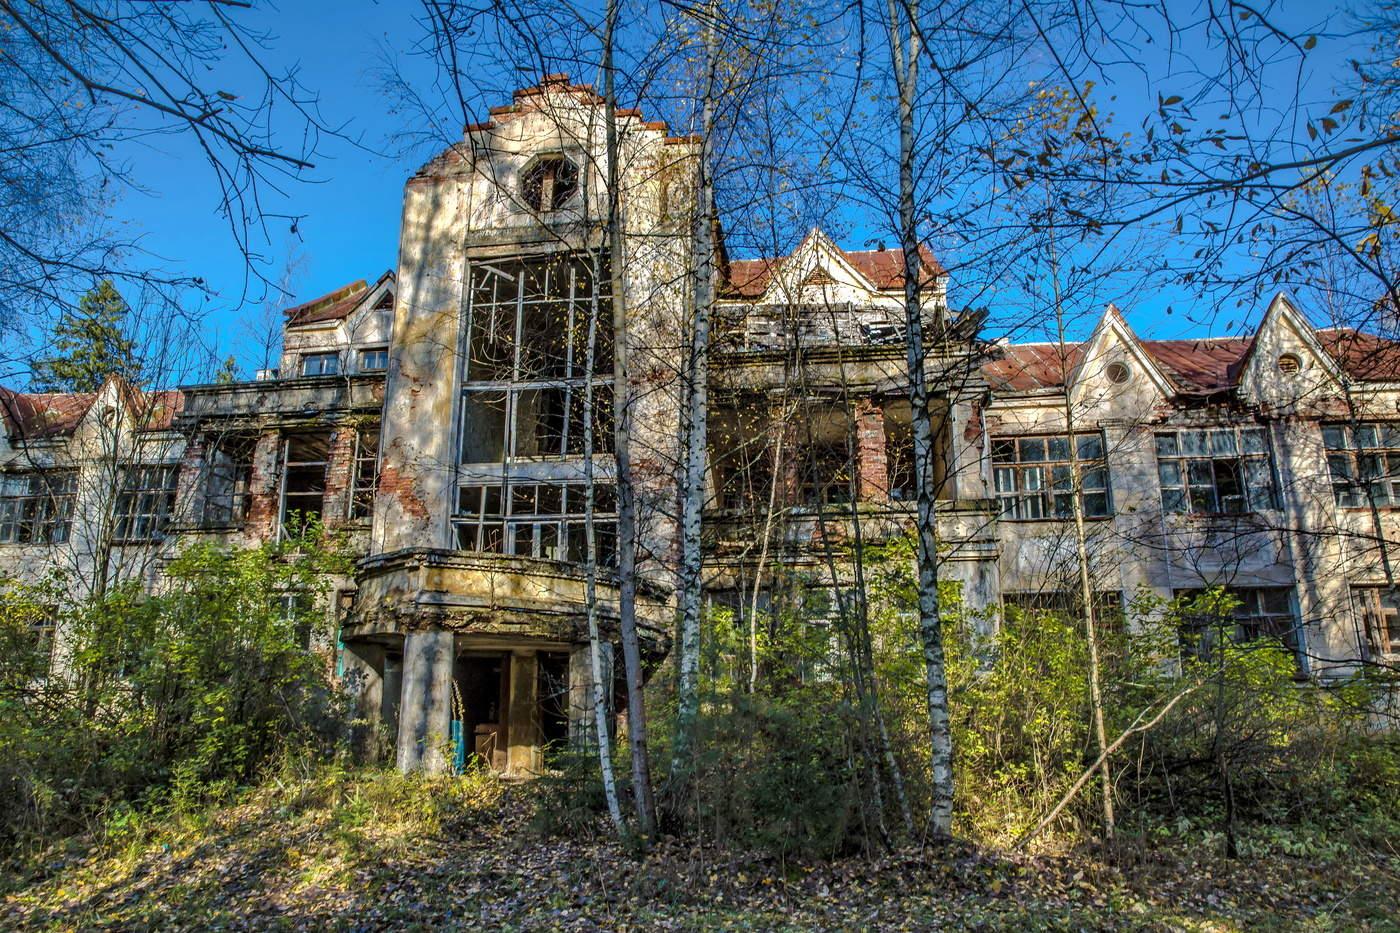 Фотоотчет сочи караоке дом ограниченные